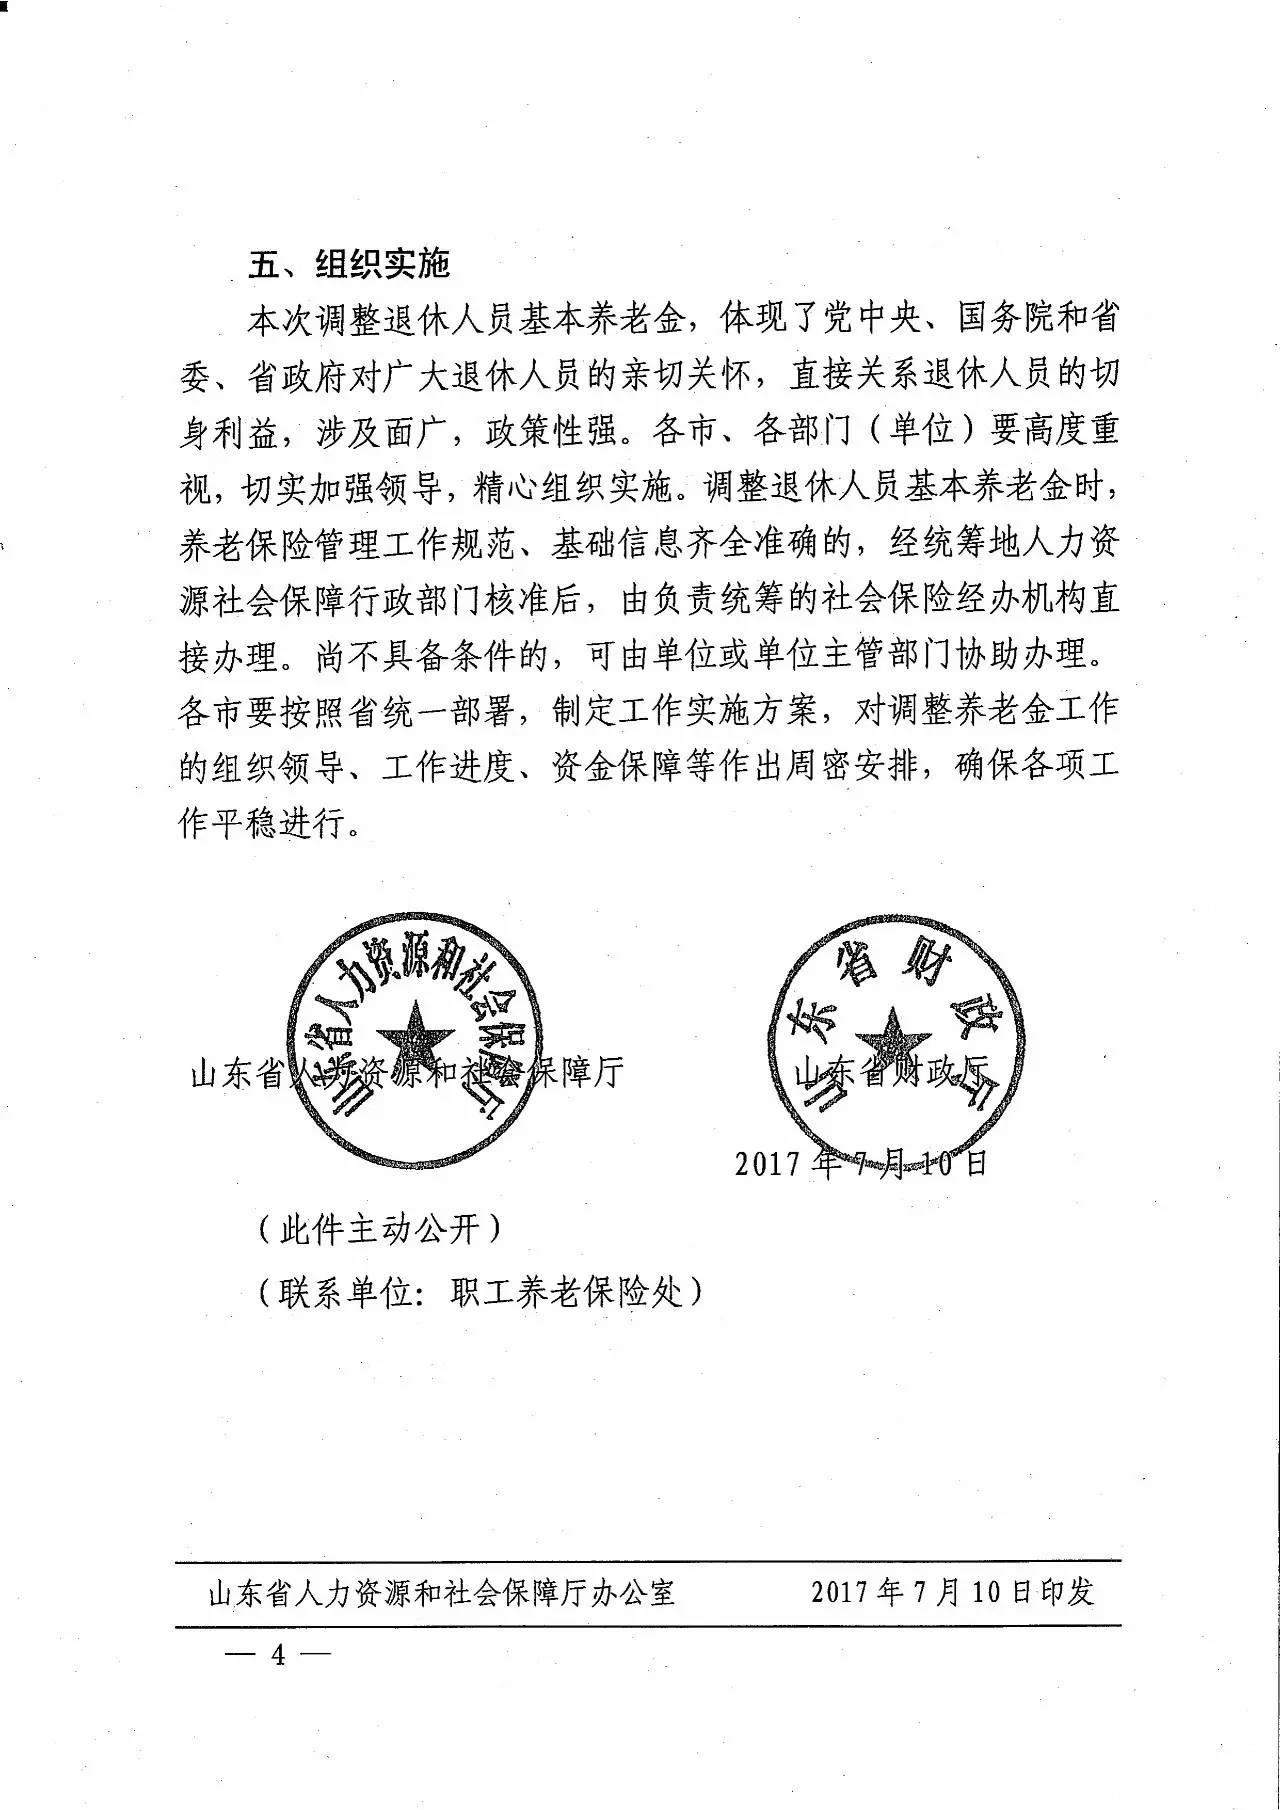 枣庄市完成企业退休人员基本养老金调整工作_新浪看点